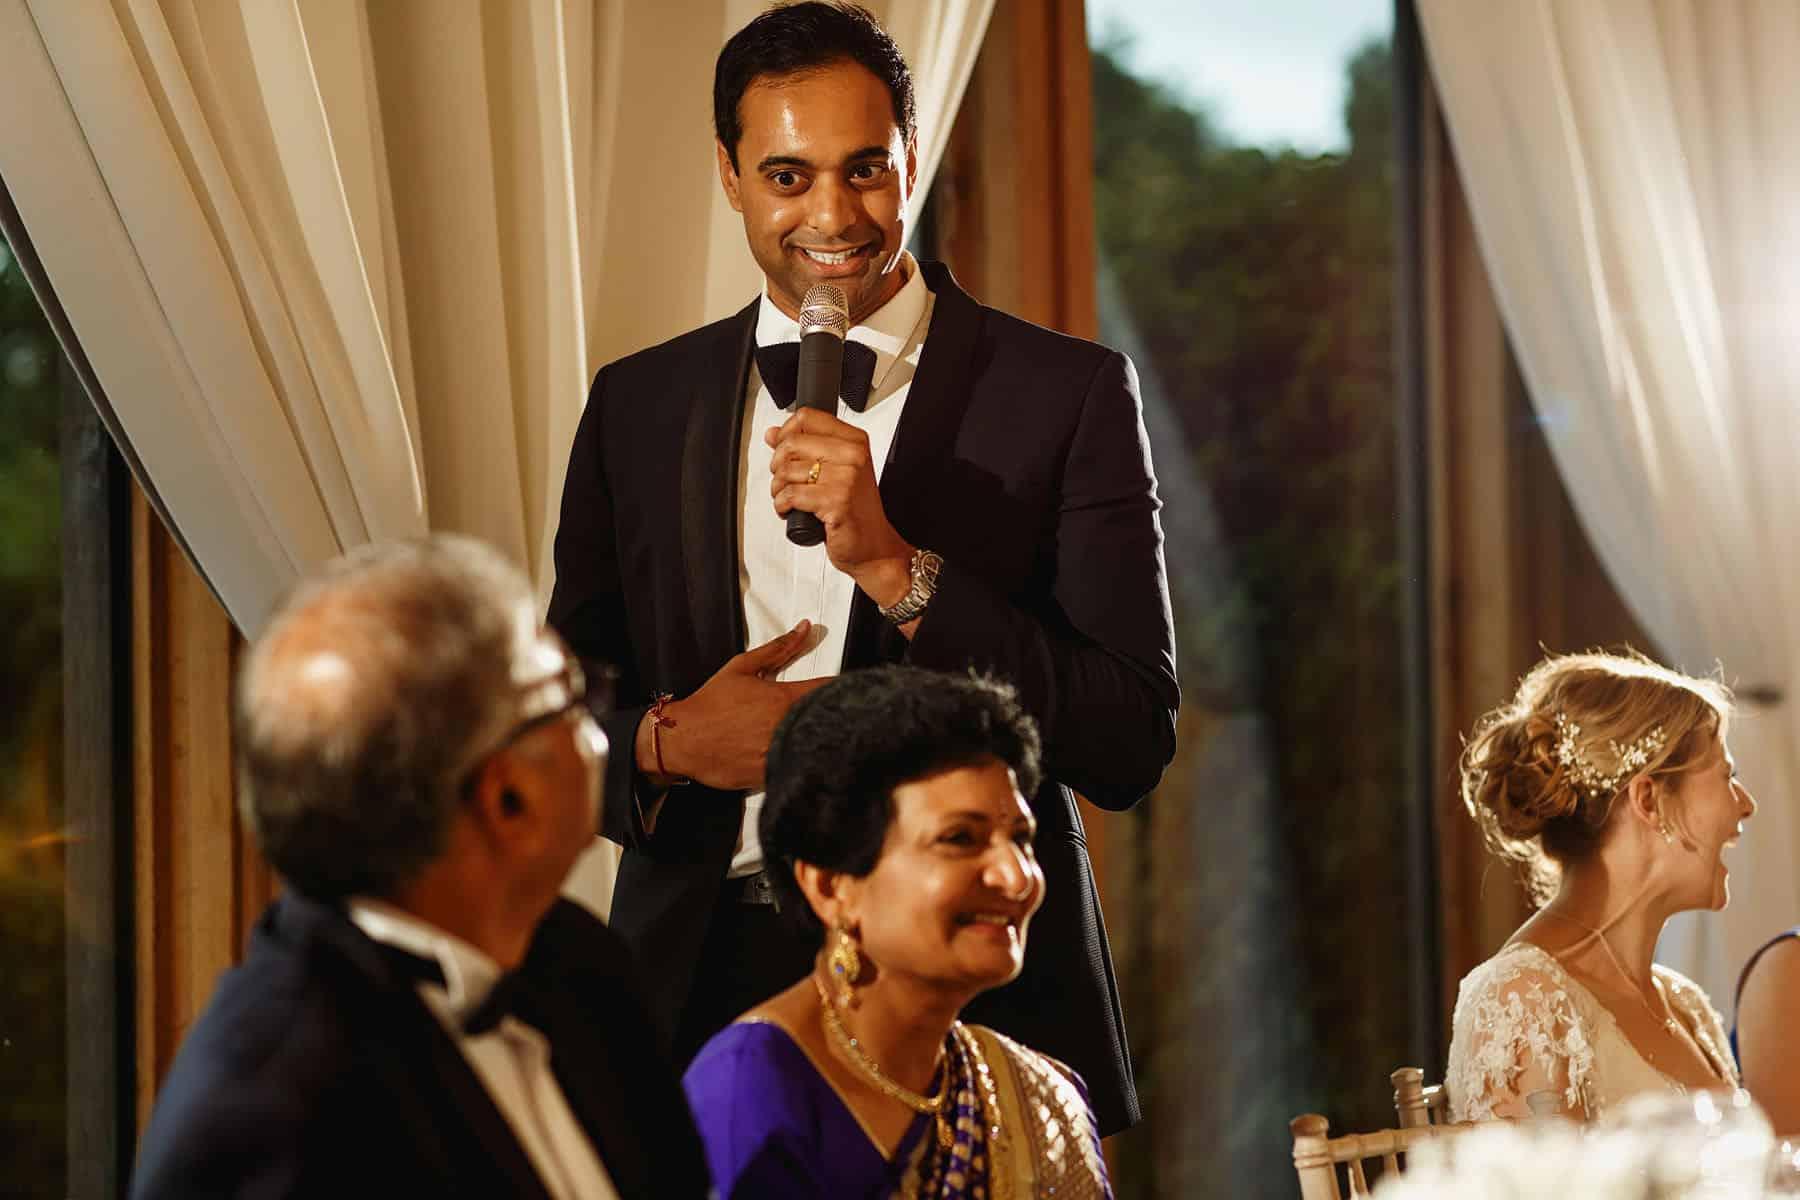 ladywood estate wedding photographs